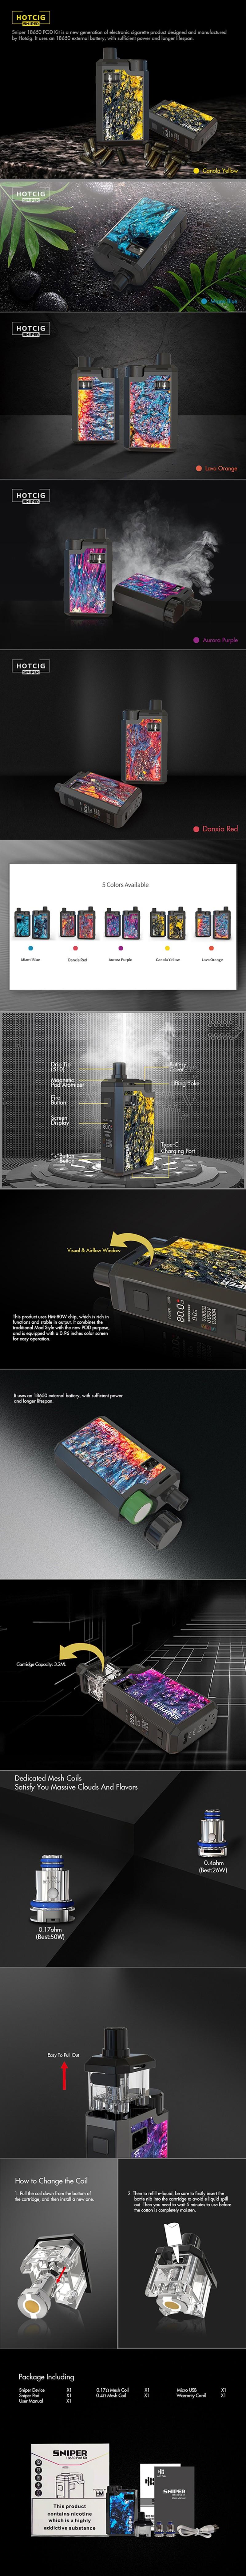 Hotcig Sniper 18650 80W VW Box Mod Pod System Vape Starter Kit